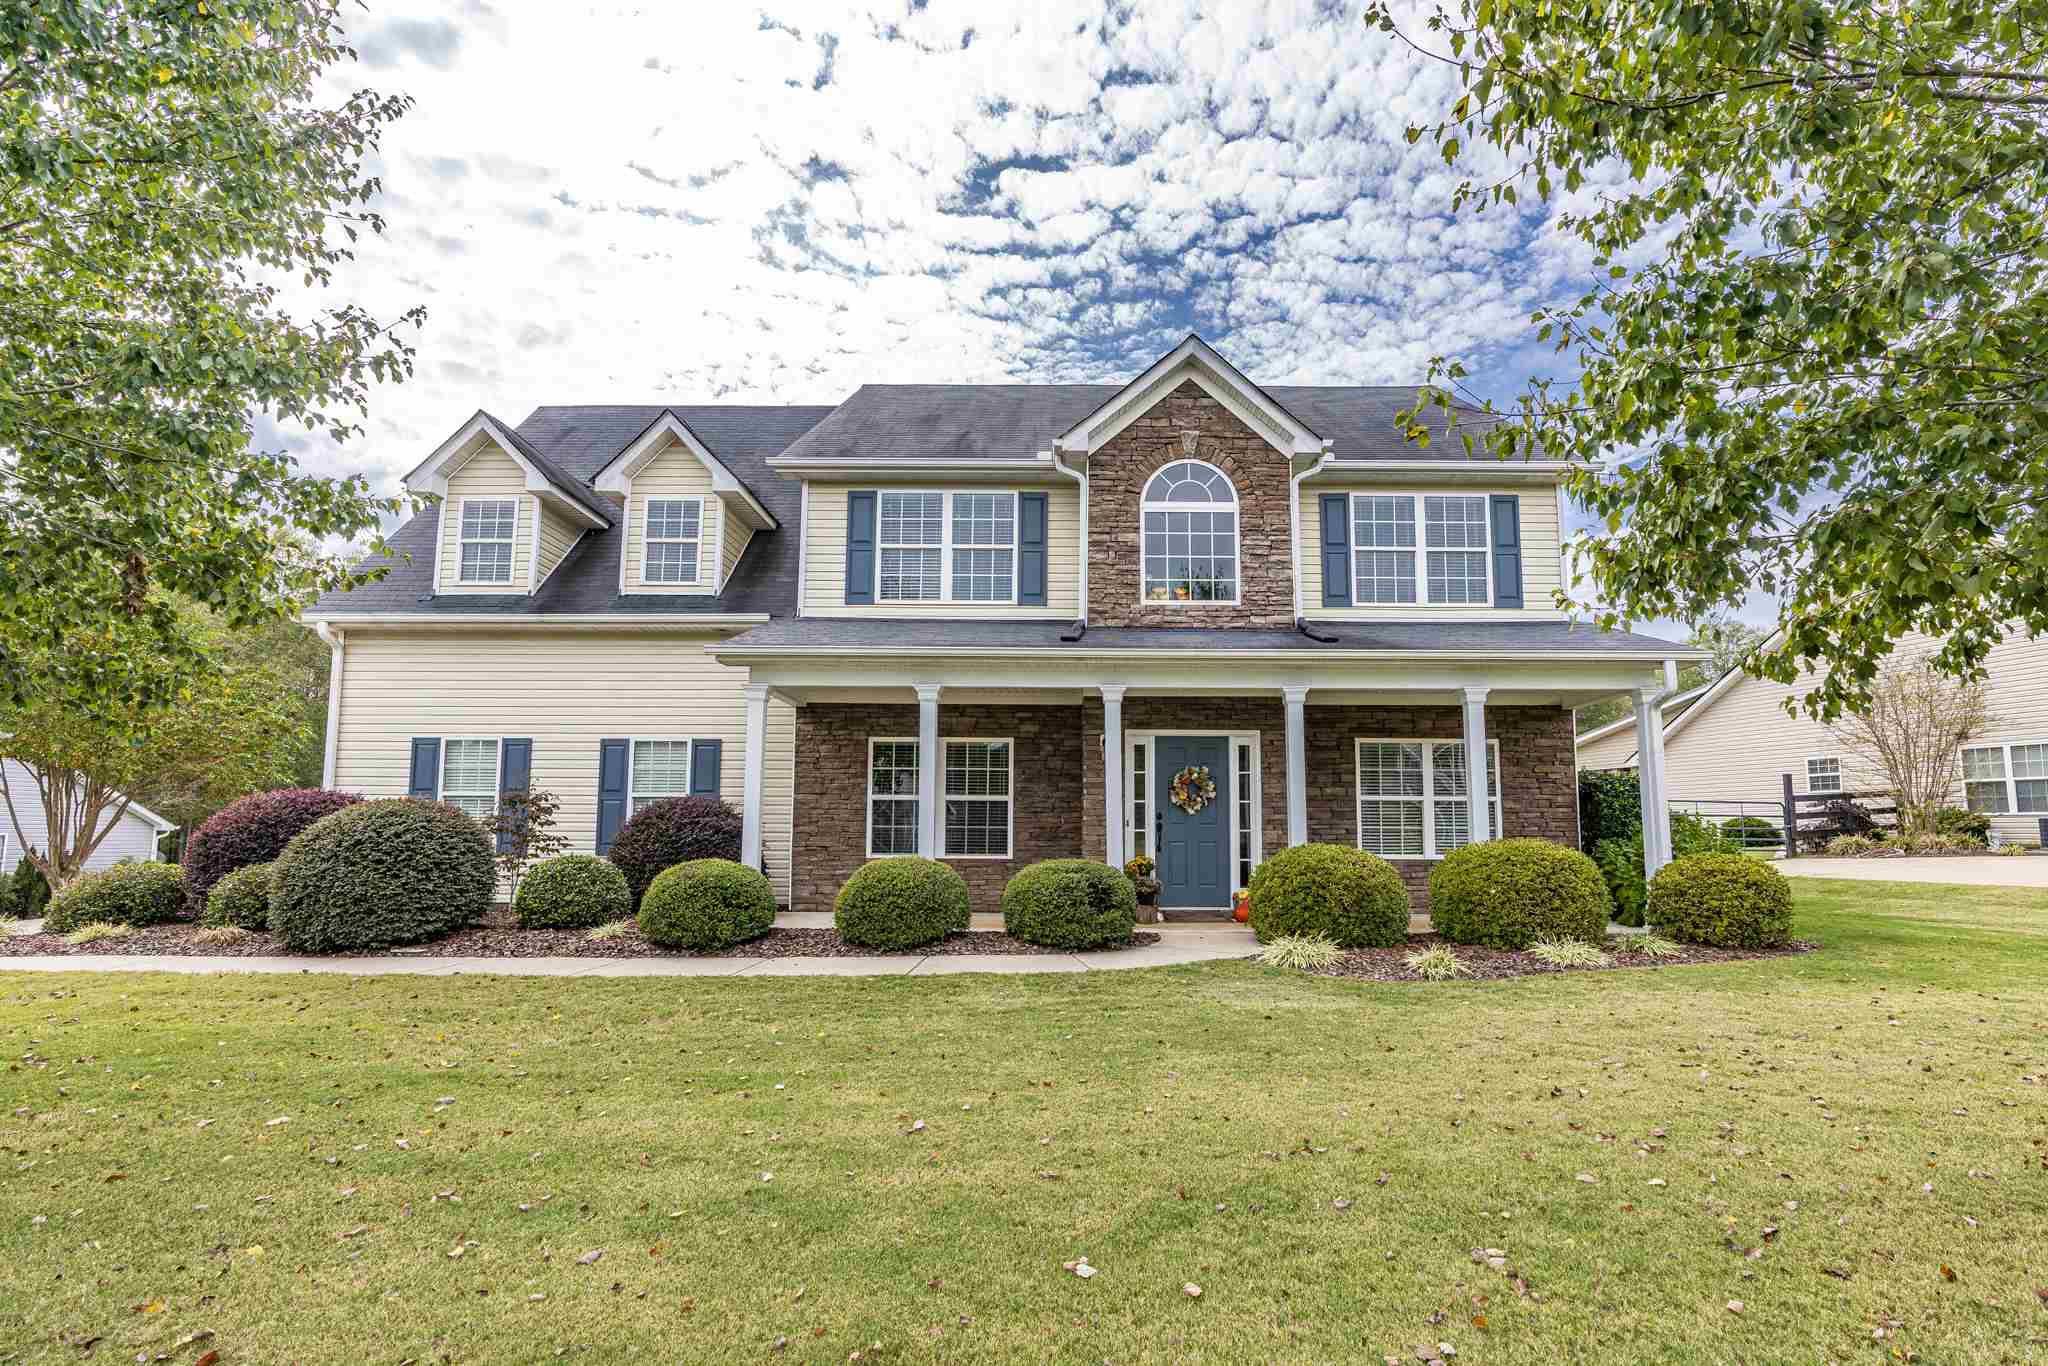 188 OAKWOOD DRIVE, Lake Oconee in Putnam County, GA 31024 Home for Sale